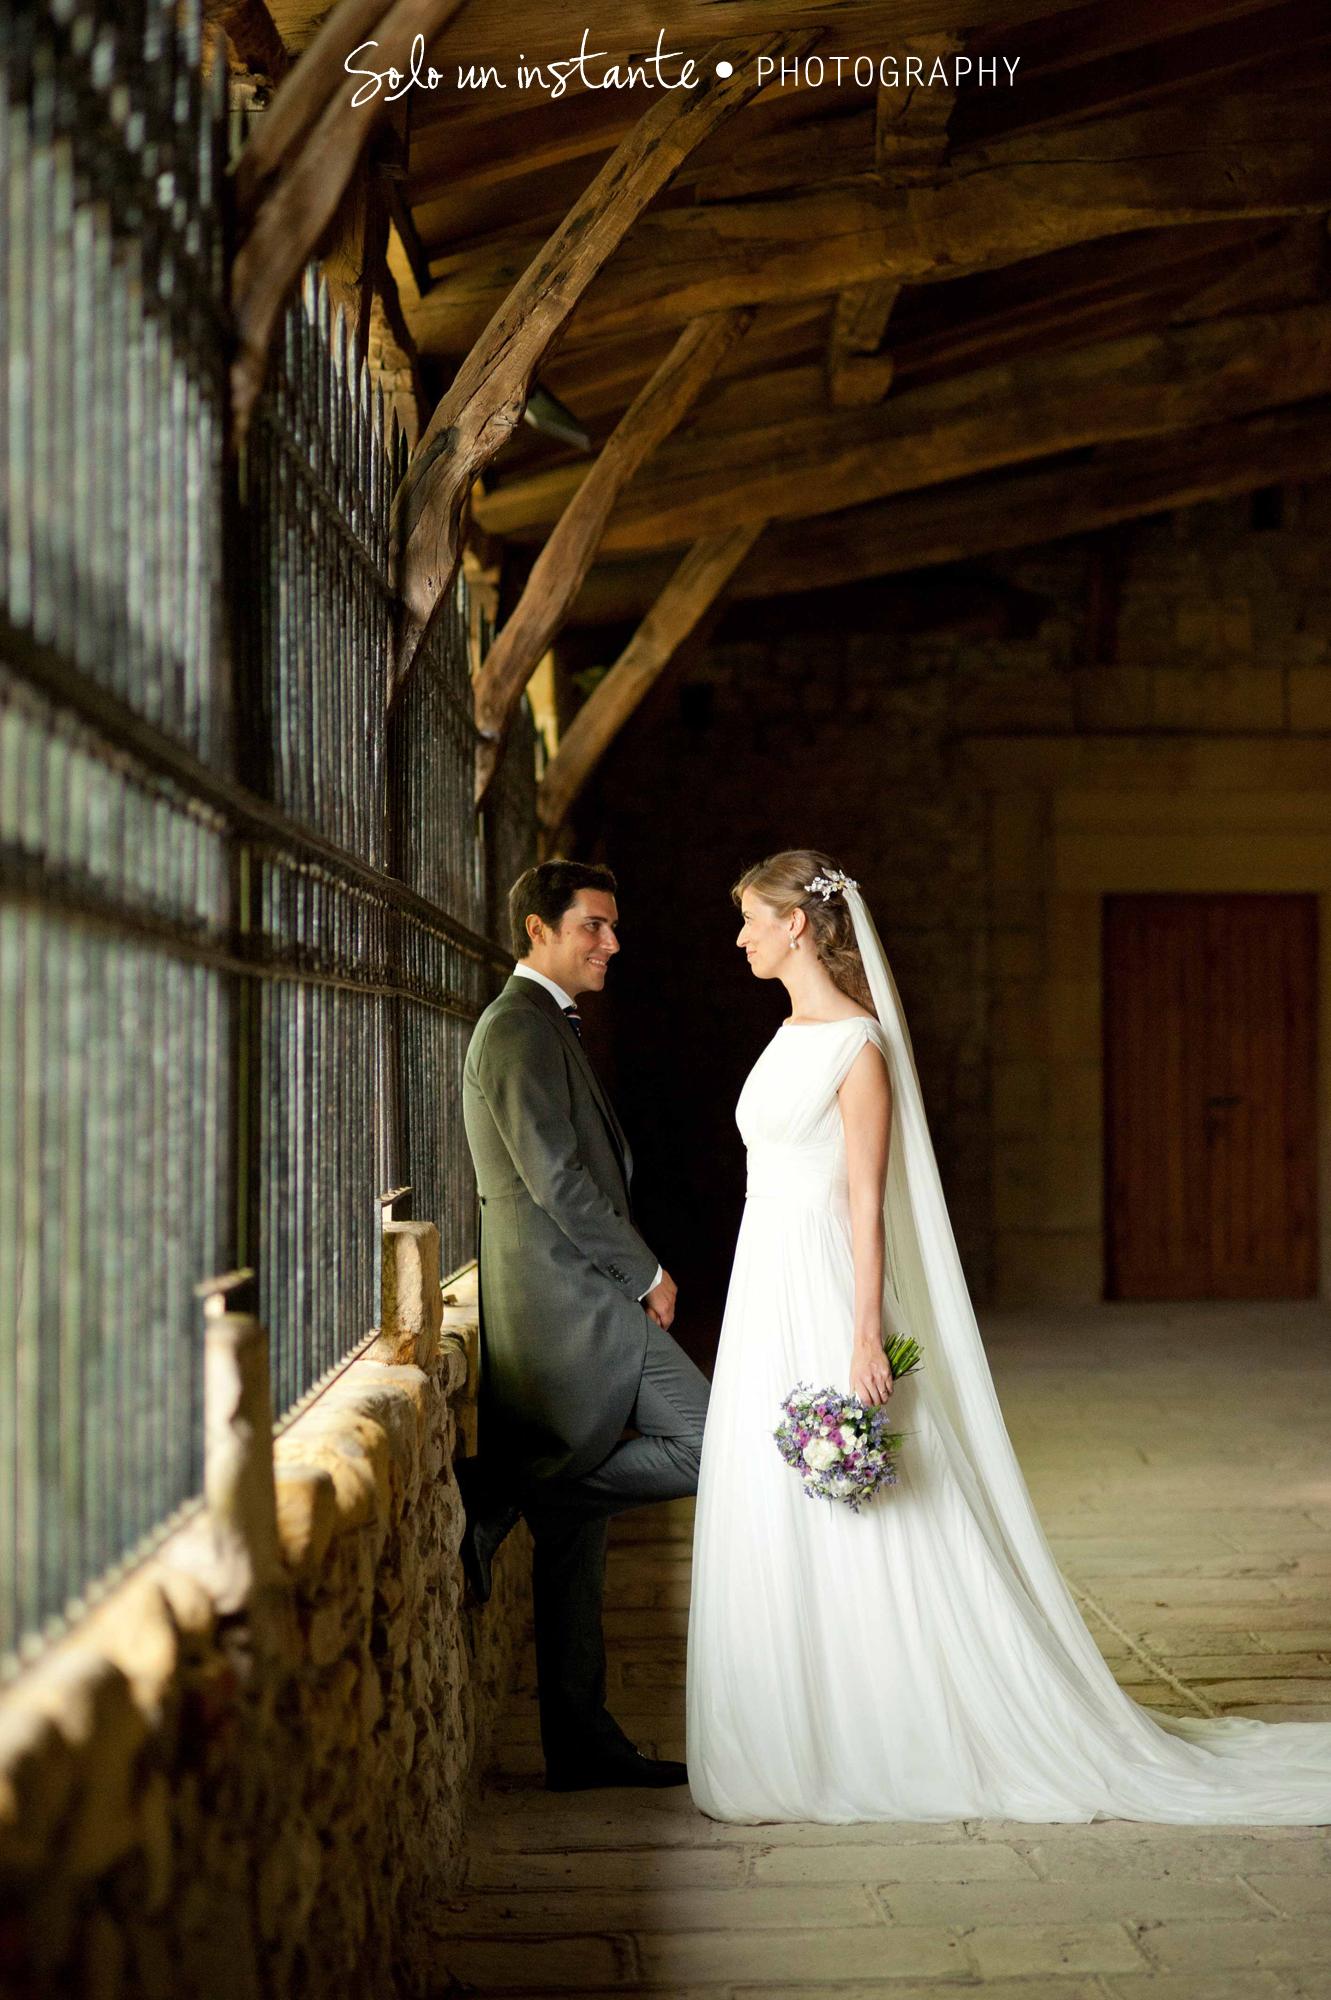 Las bodas de tatin el blog de las bodas novias - Paredero quiros bilbao ...